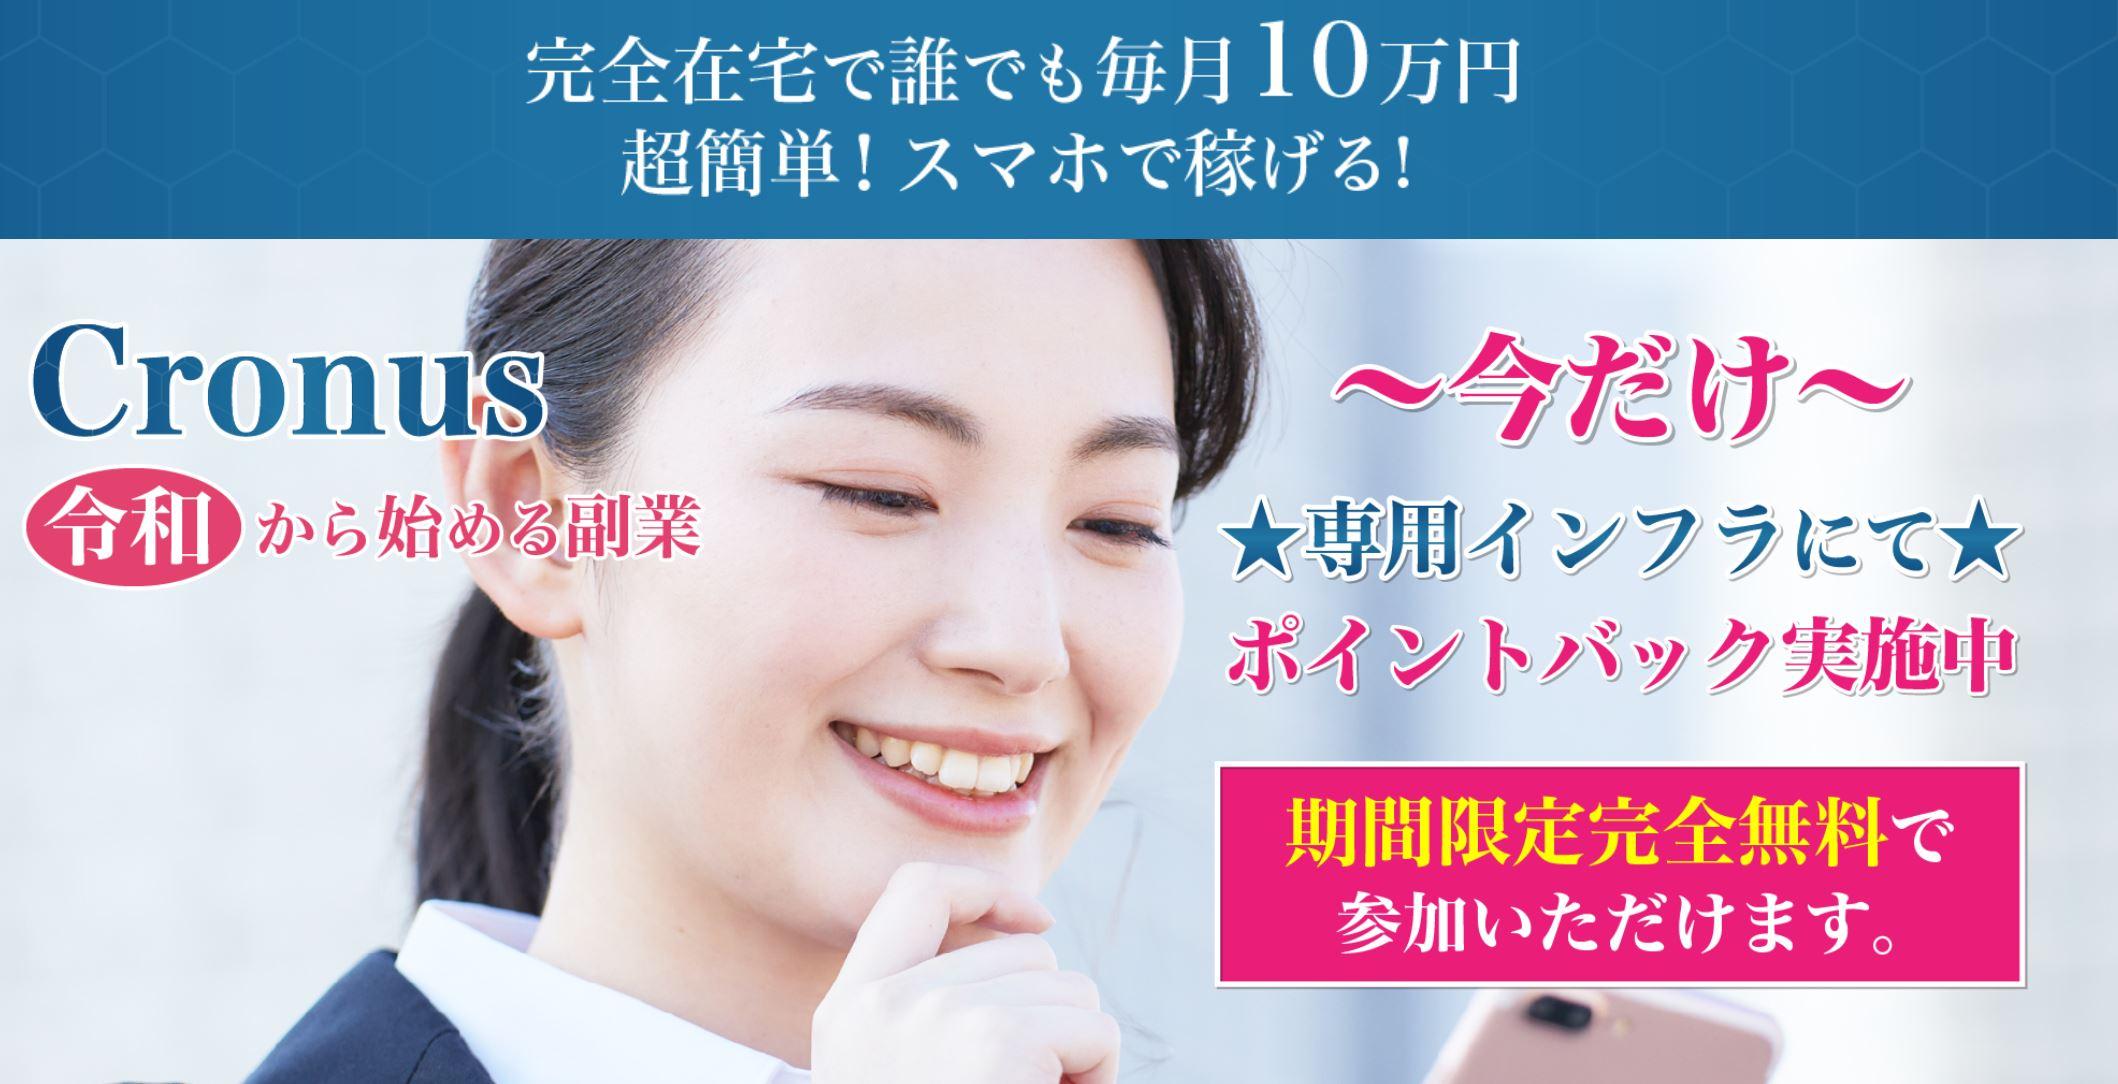 香坂 Cronusで完全在宅で毎月10万円  超簡単スマホで稼げる! は本当?